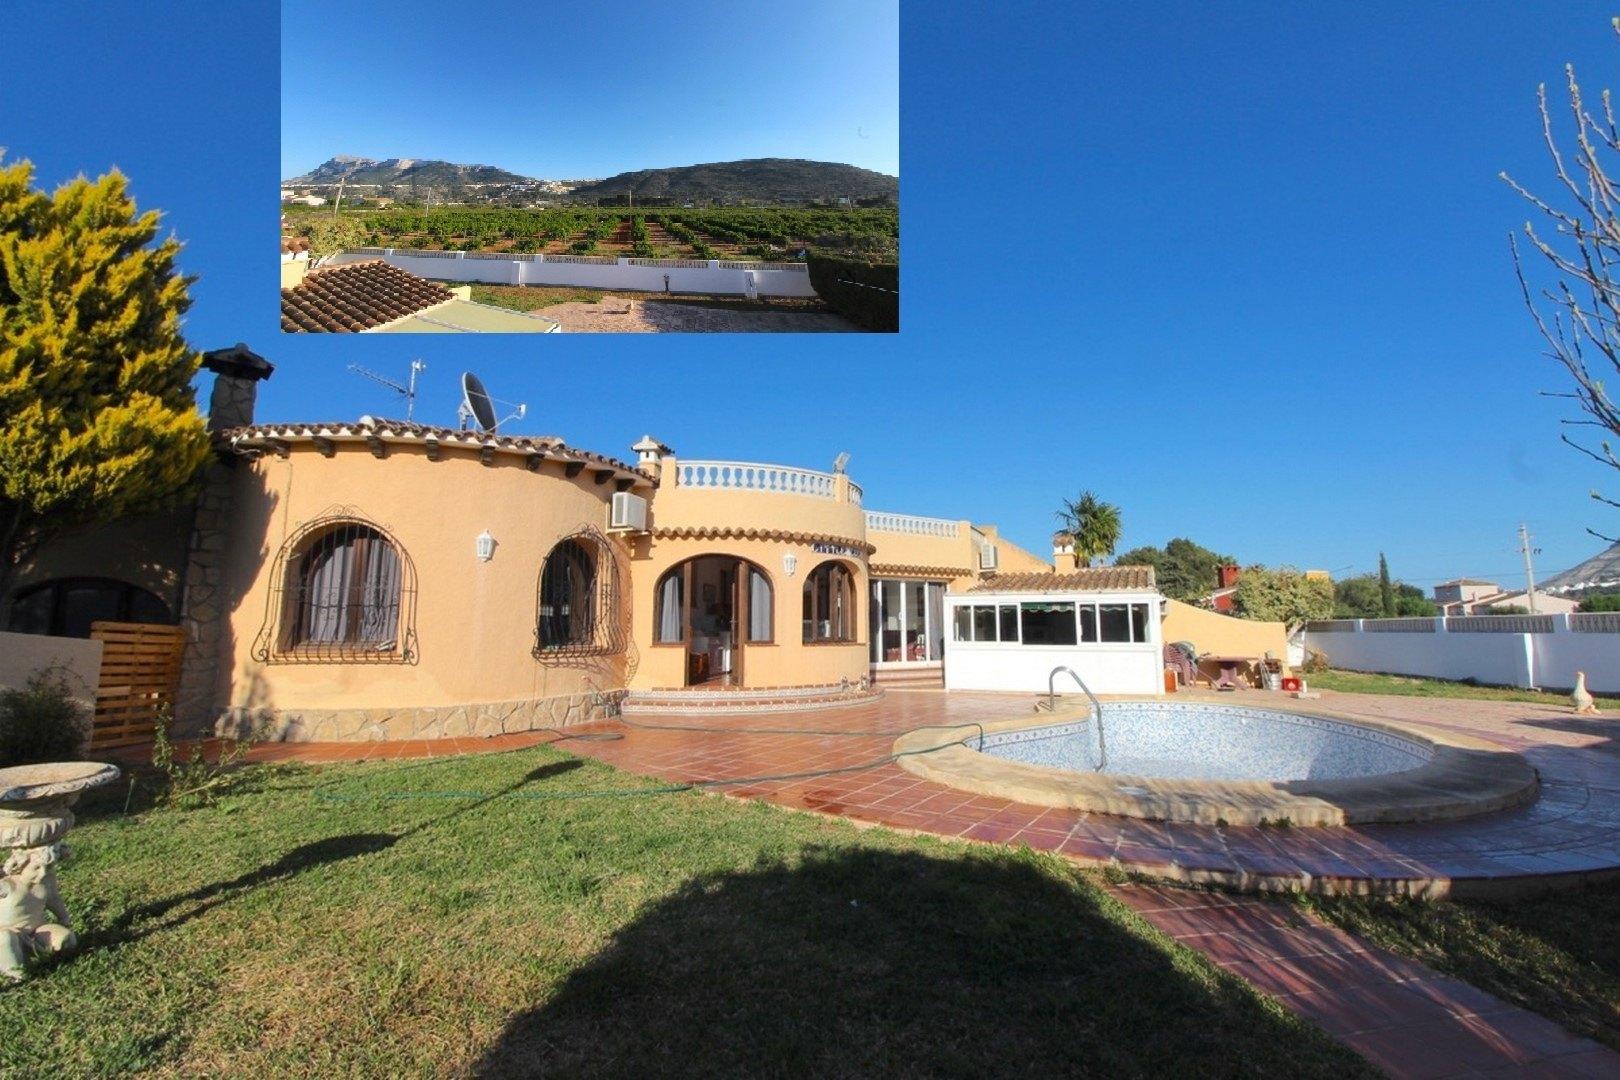 Villas in La Xara Villa for sale in La Xara (Denia)